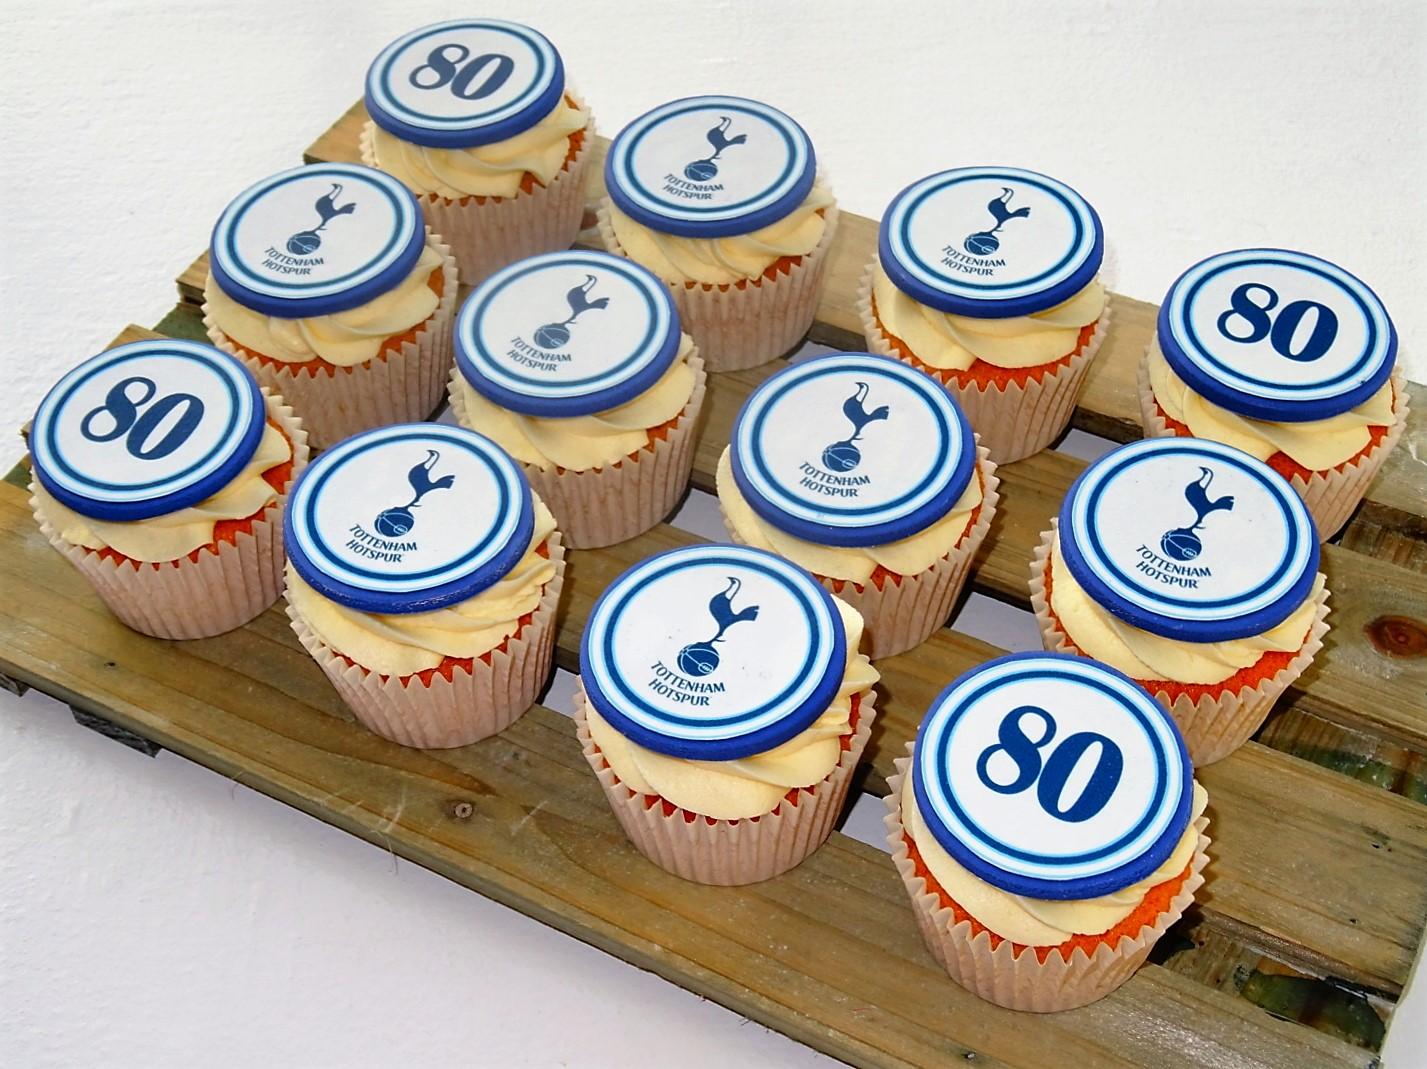 Tottenham Hotspur Cupcakes